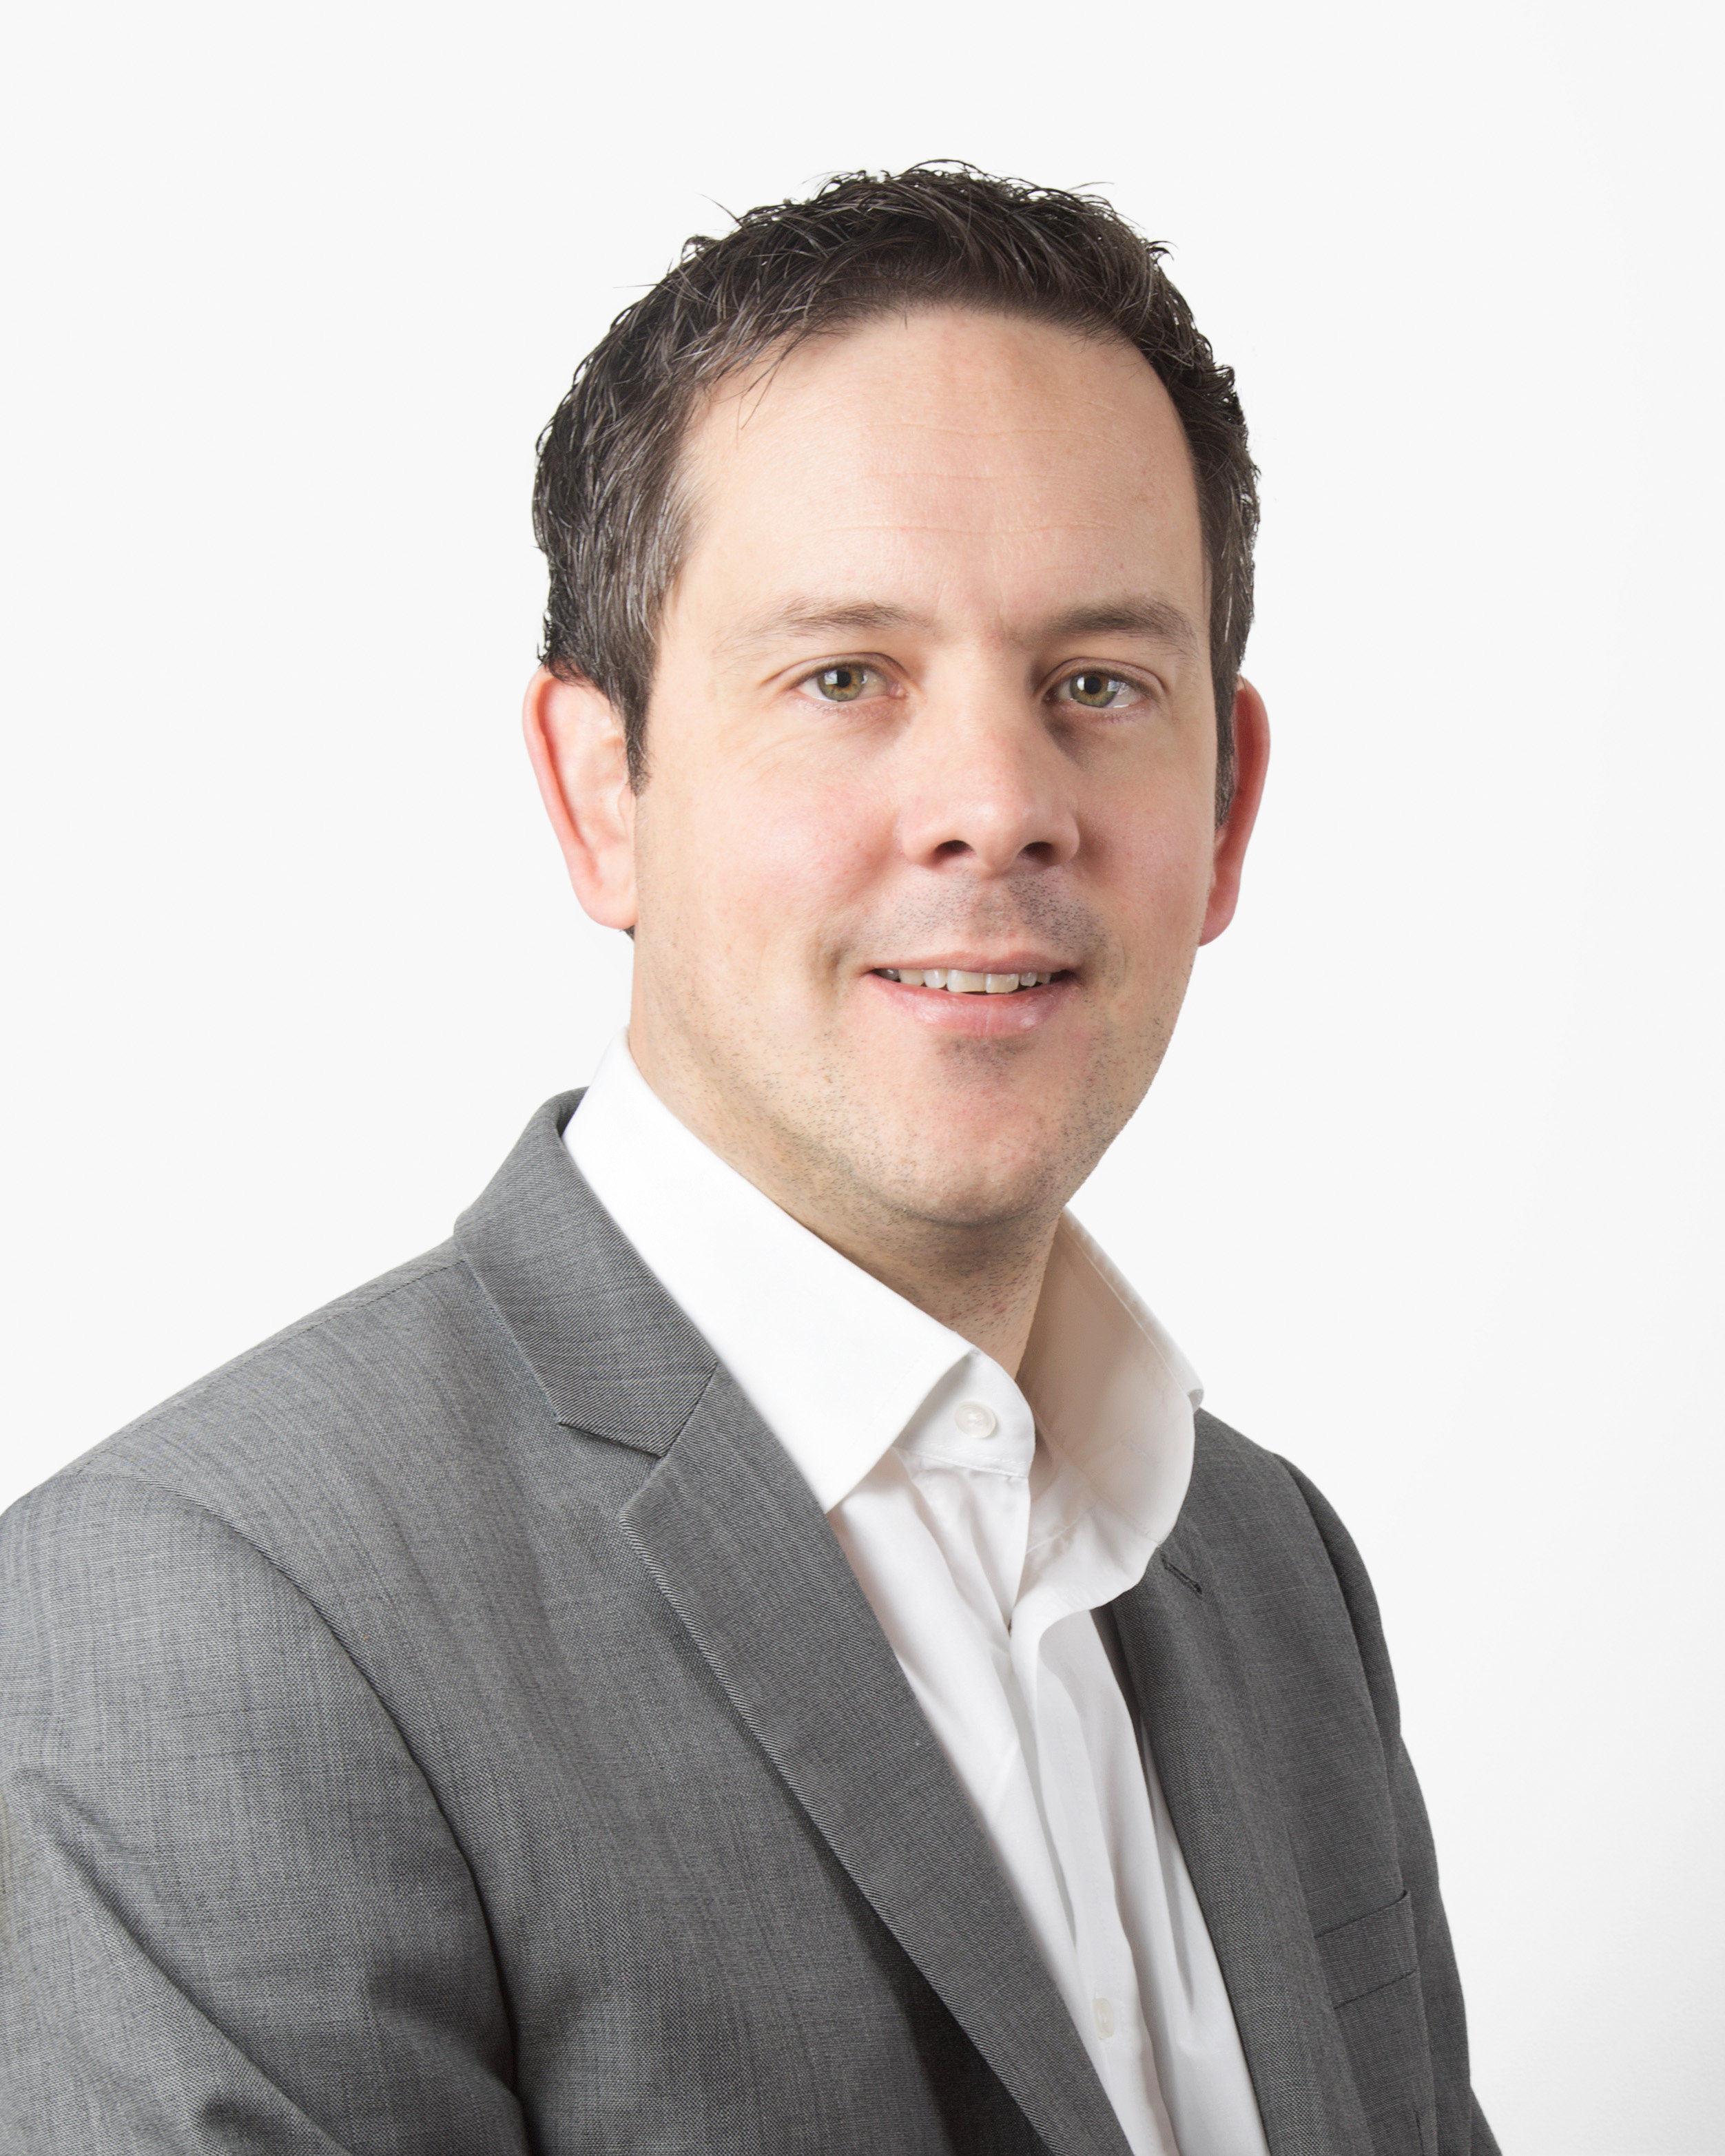 Neil Larkins